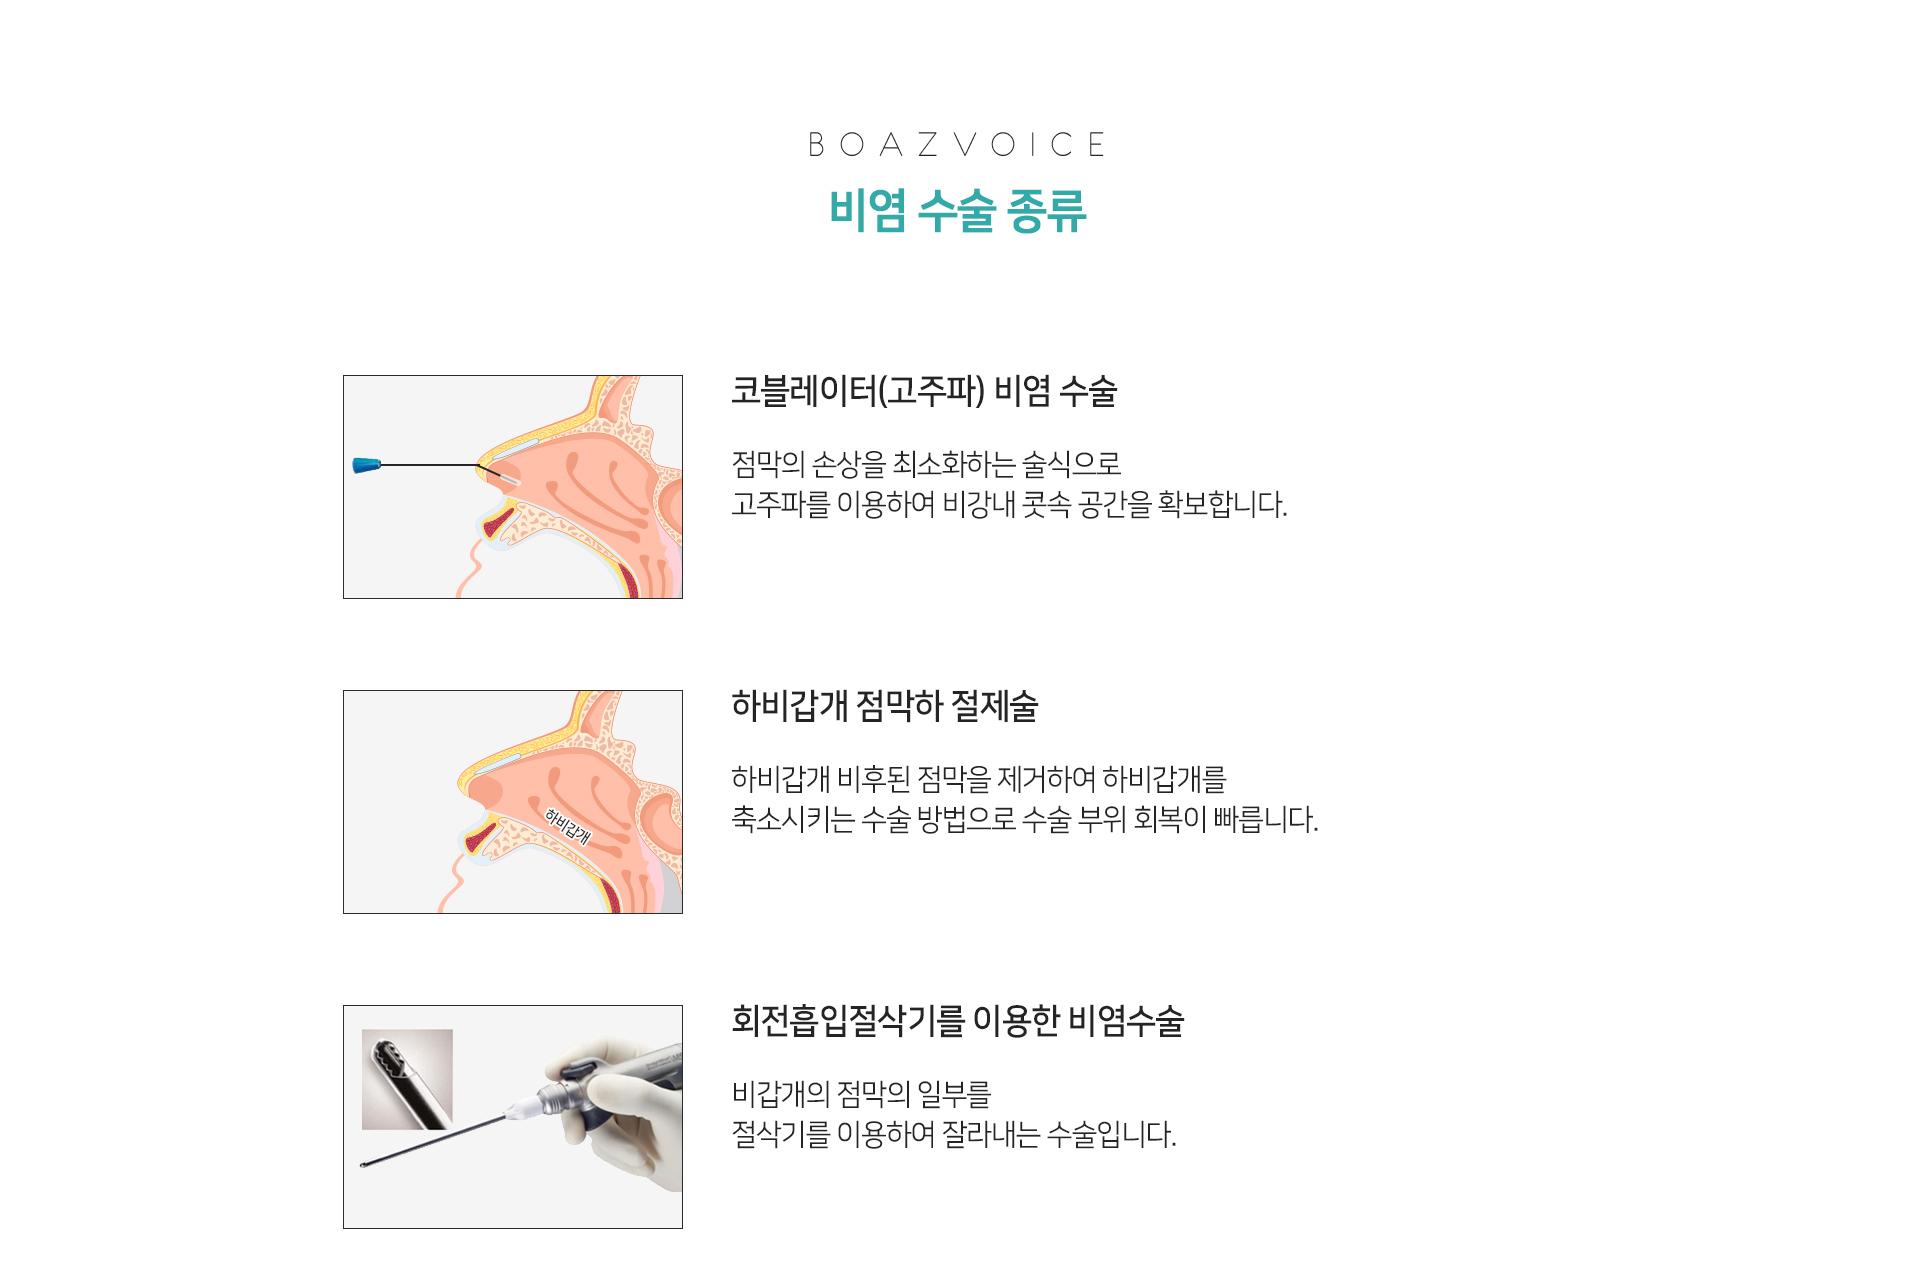 비염수술종류